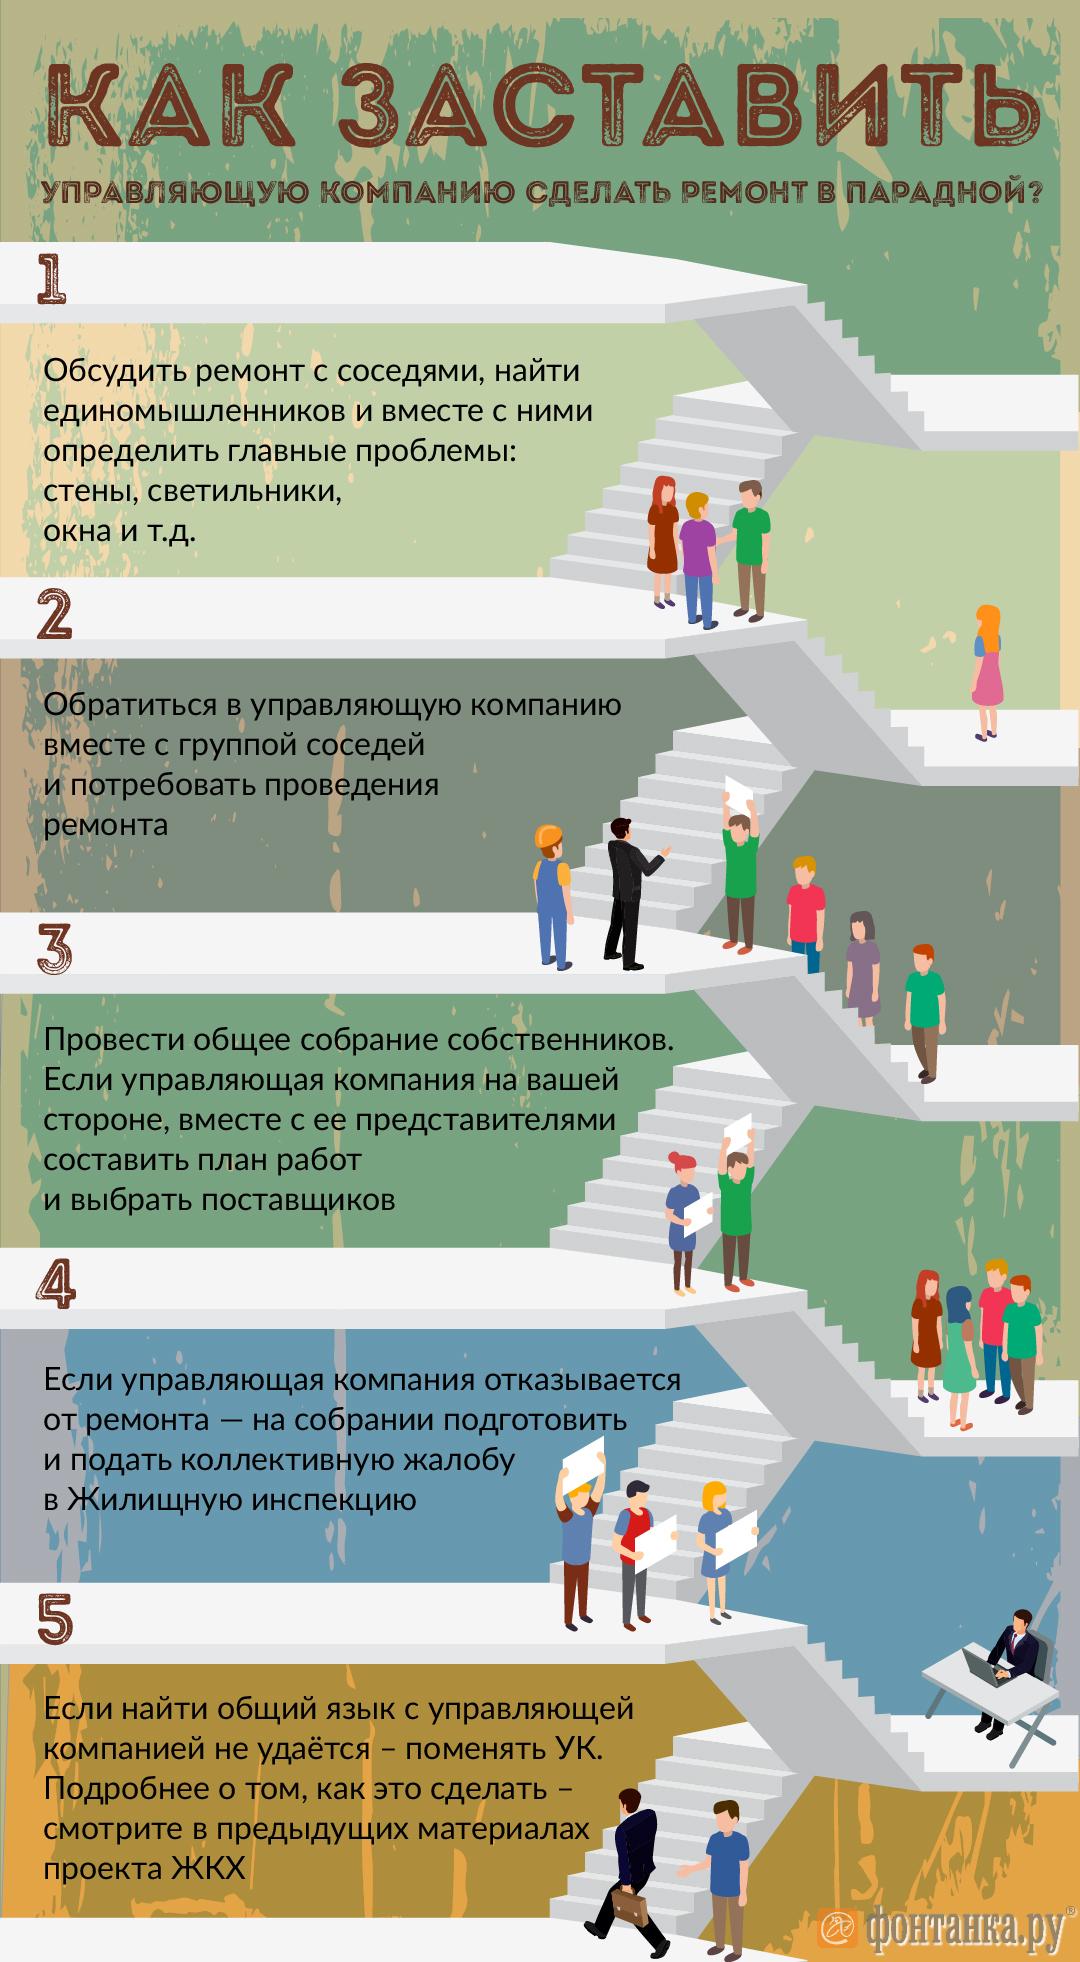 Как отремонтировать парадную (Иллюстрация 1 из 1) (Фото: